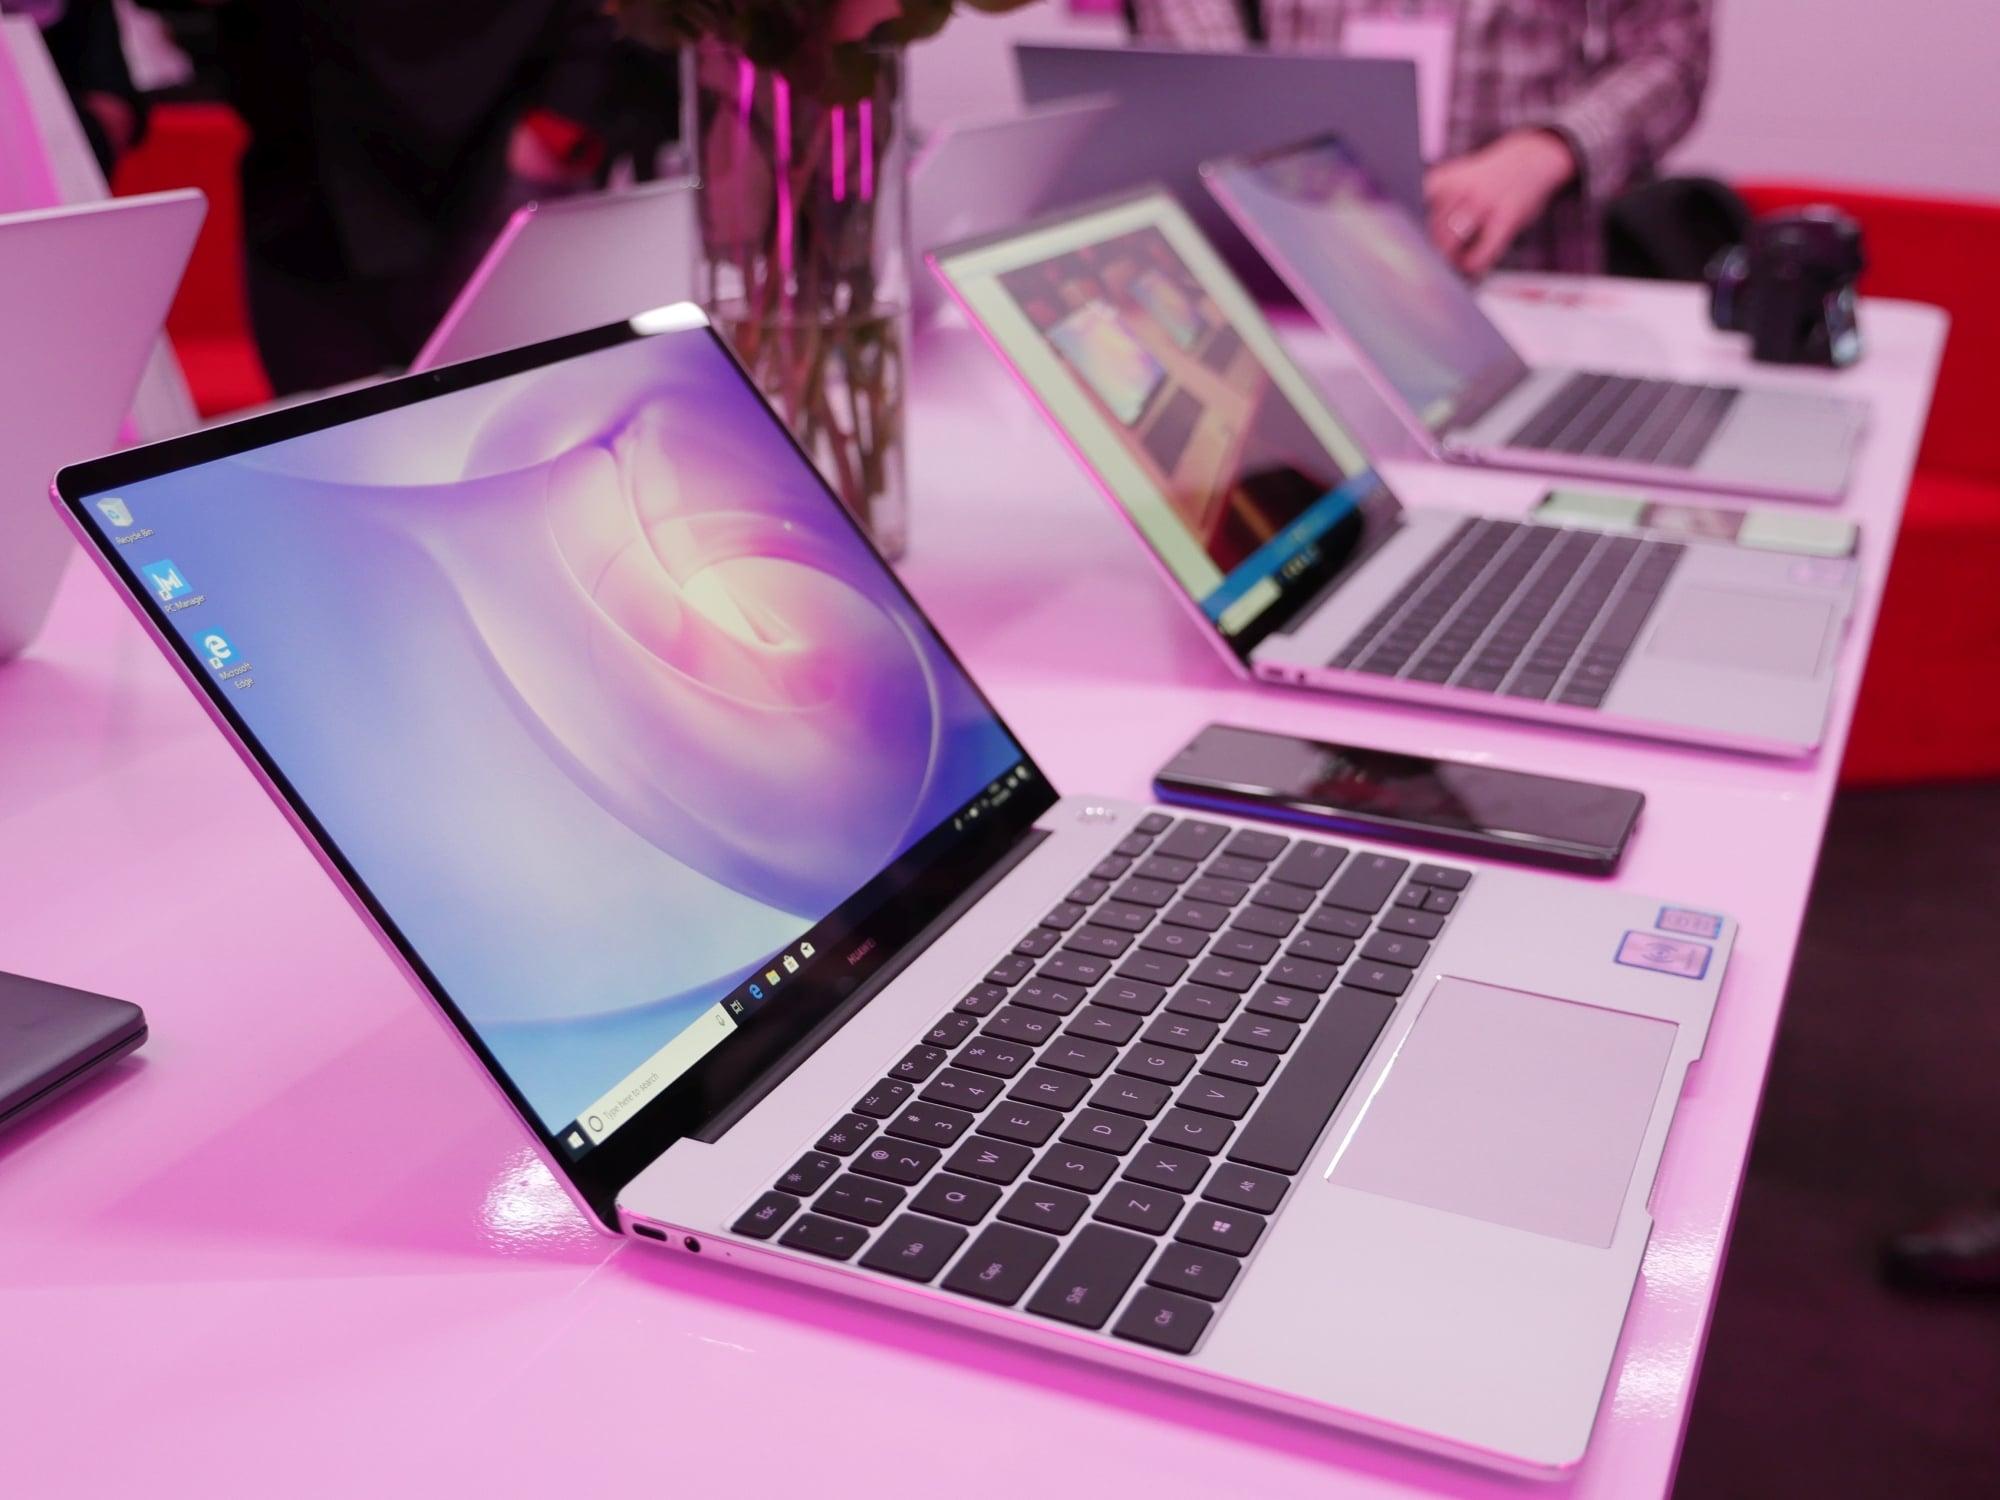 Huawei pokazał trzy ciekawe laptopy, a mnie bardziej od nich interesuje samo oprogramowanie 36